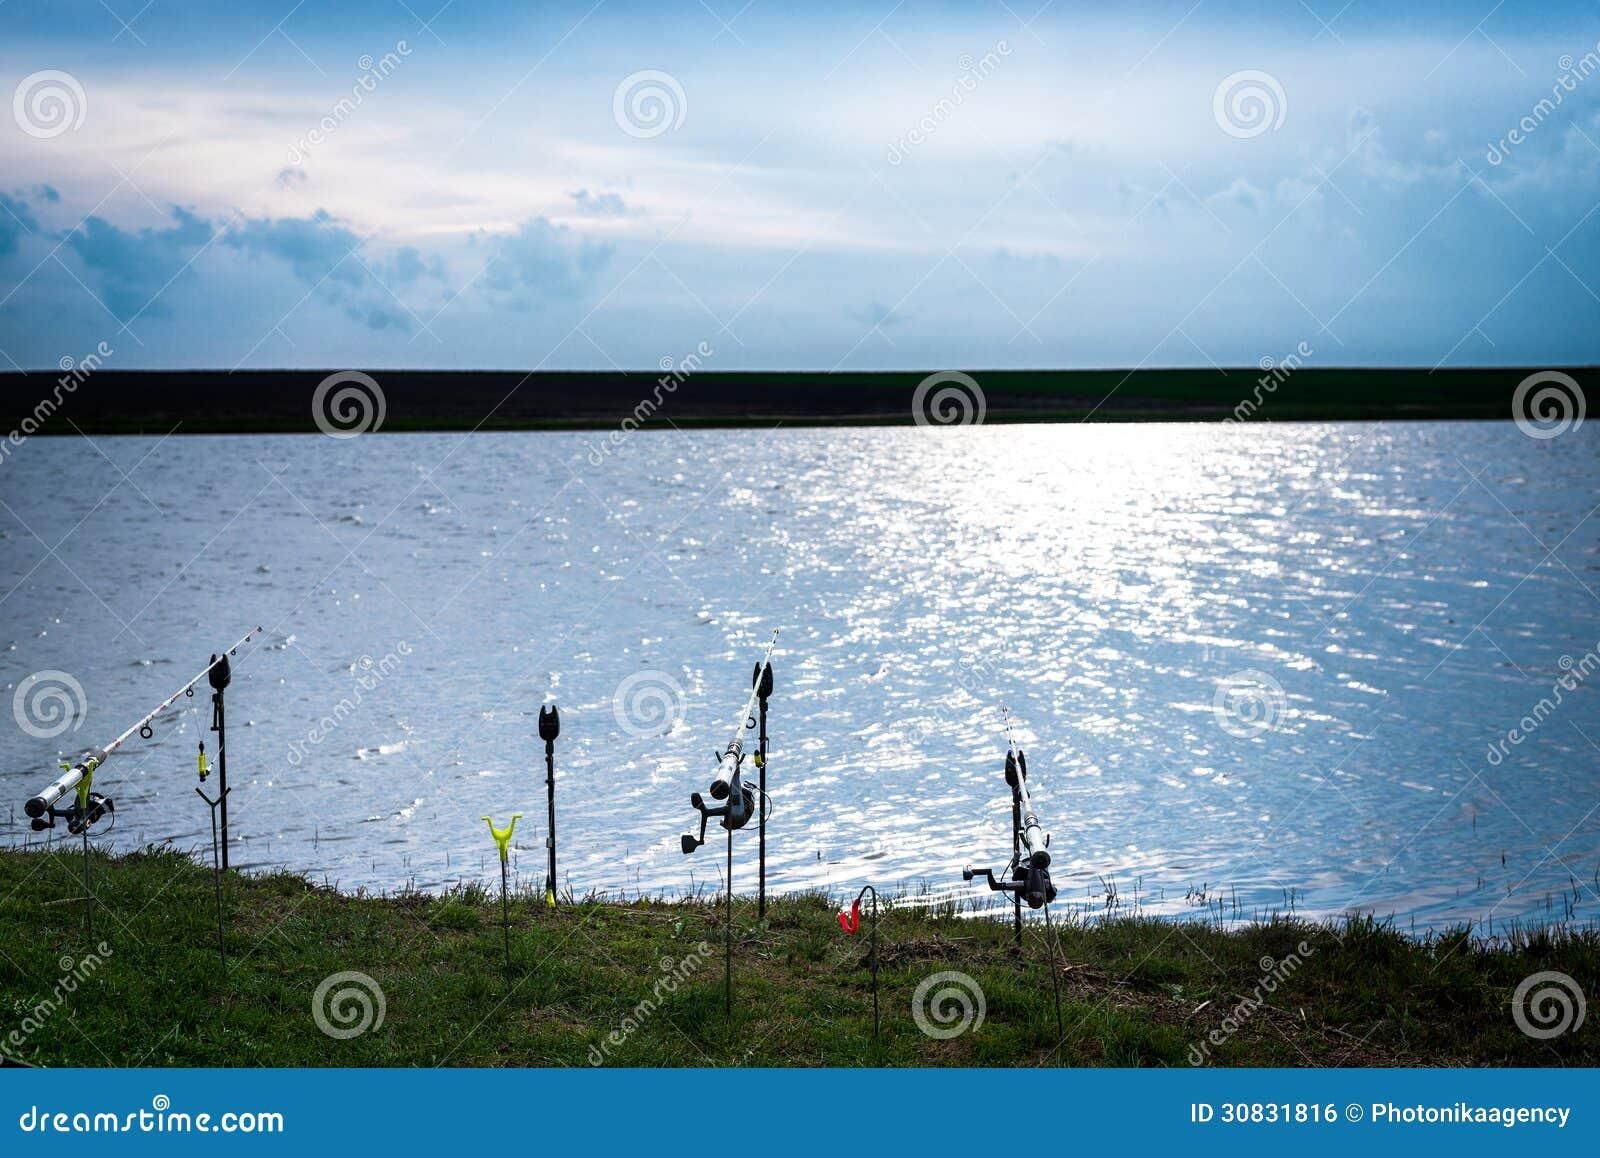 Canne da pesca al bordo di un lago